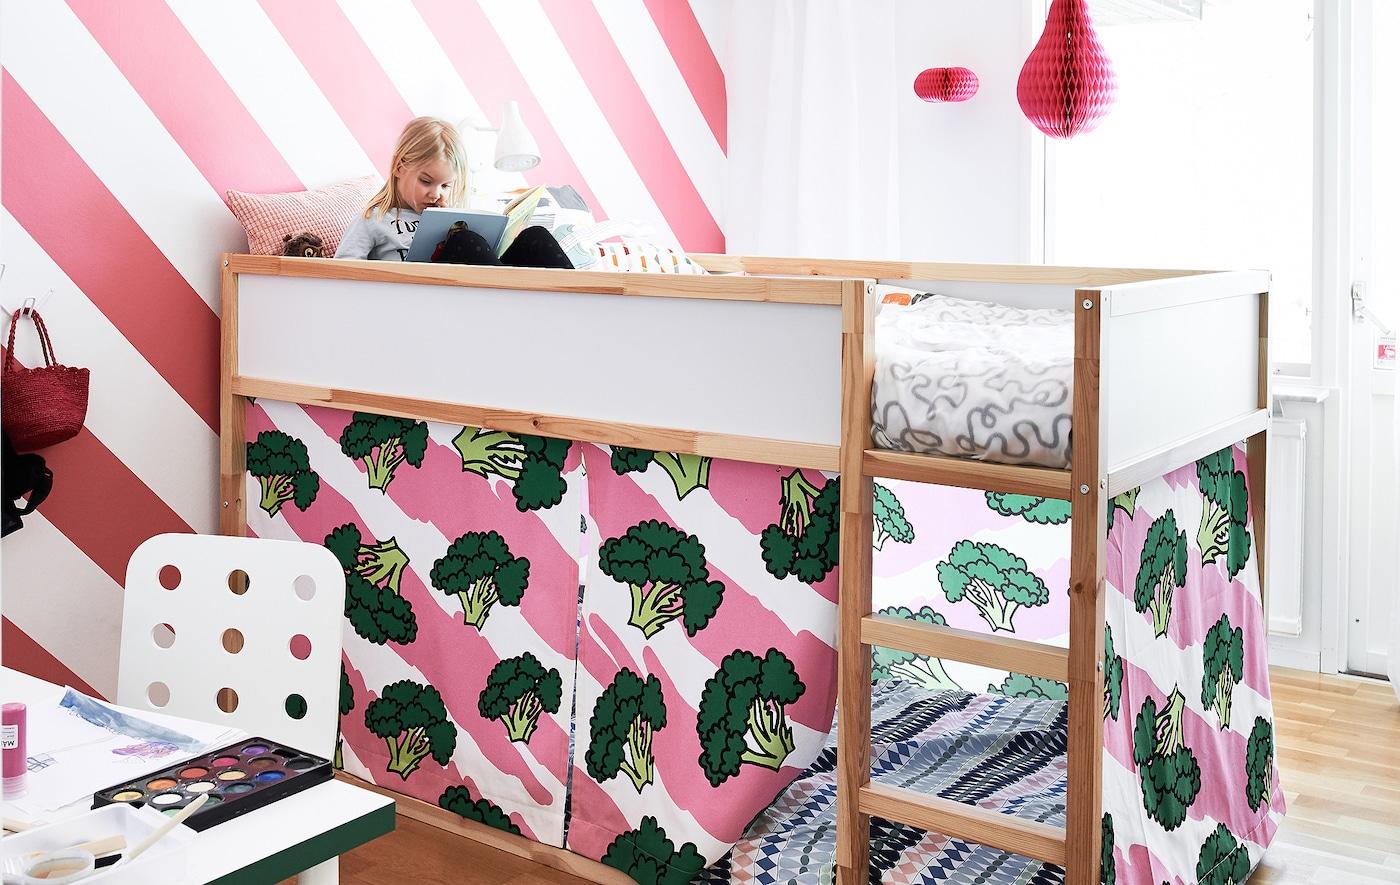 La hija de Henrik en la litera de arriba leyendo un libro sobre una pared de rayas blancas y rosas brillantes en su dormitorio recién renovado.